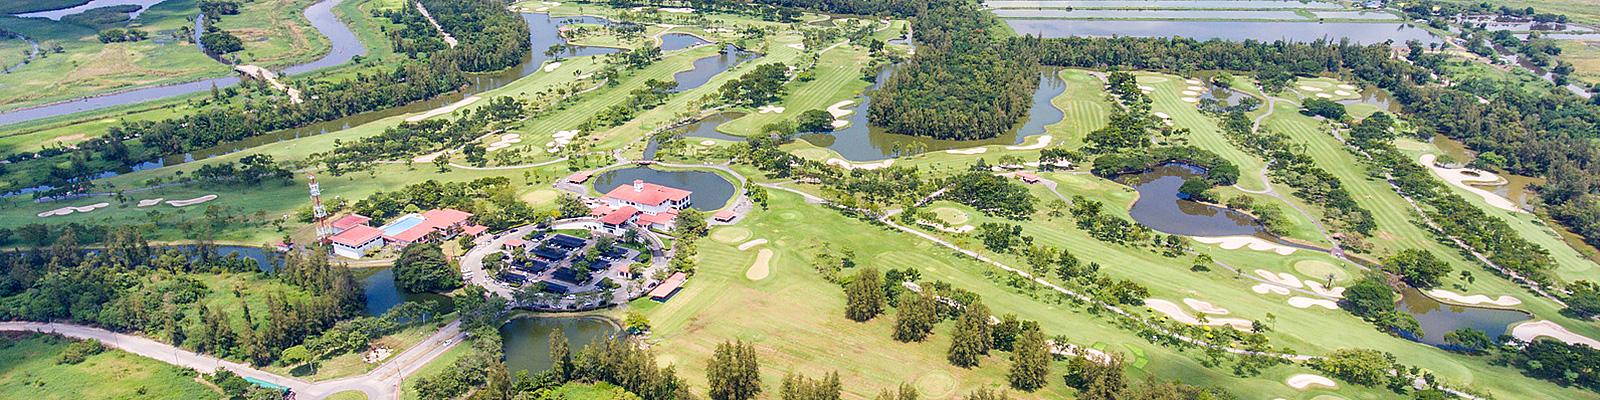 ゴルフコース イメージ